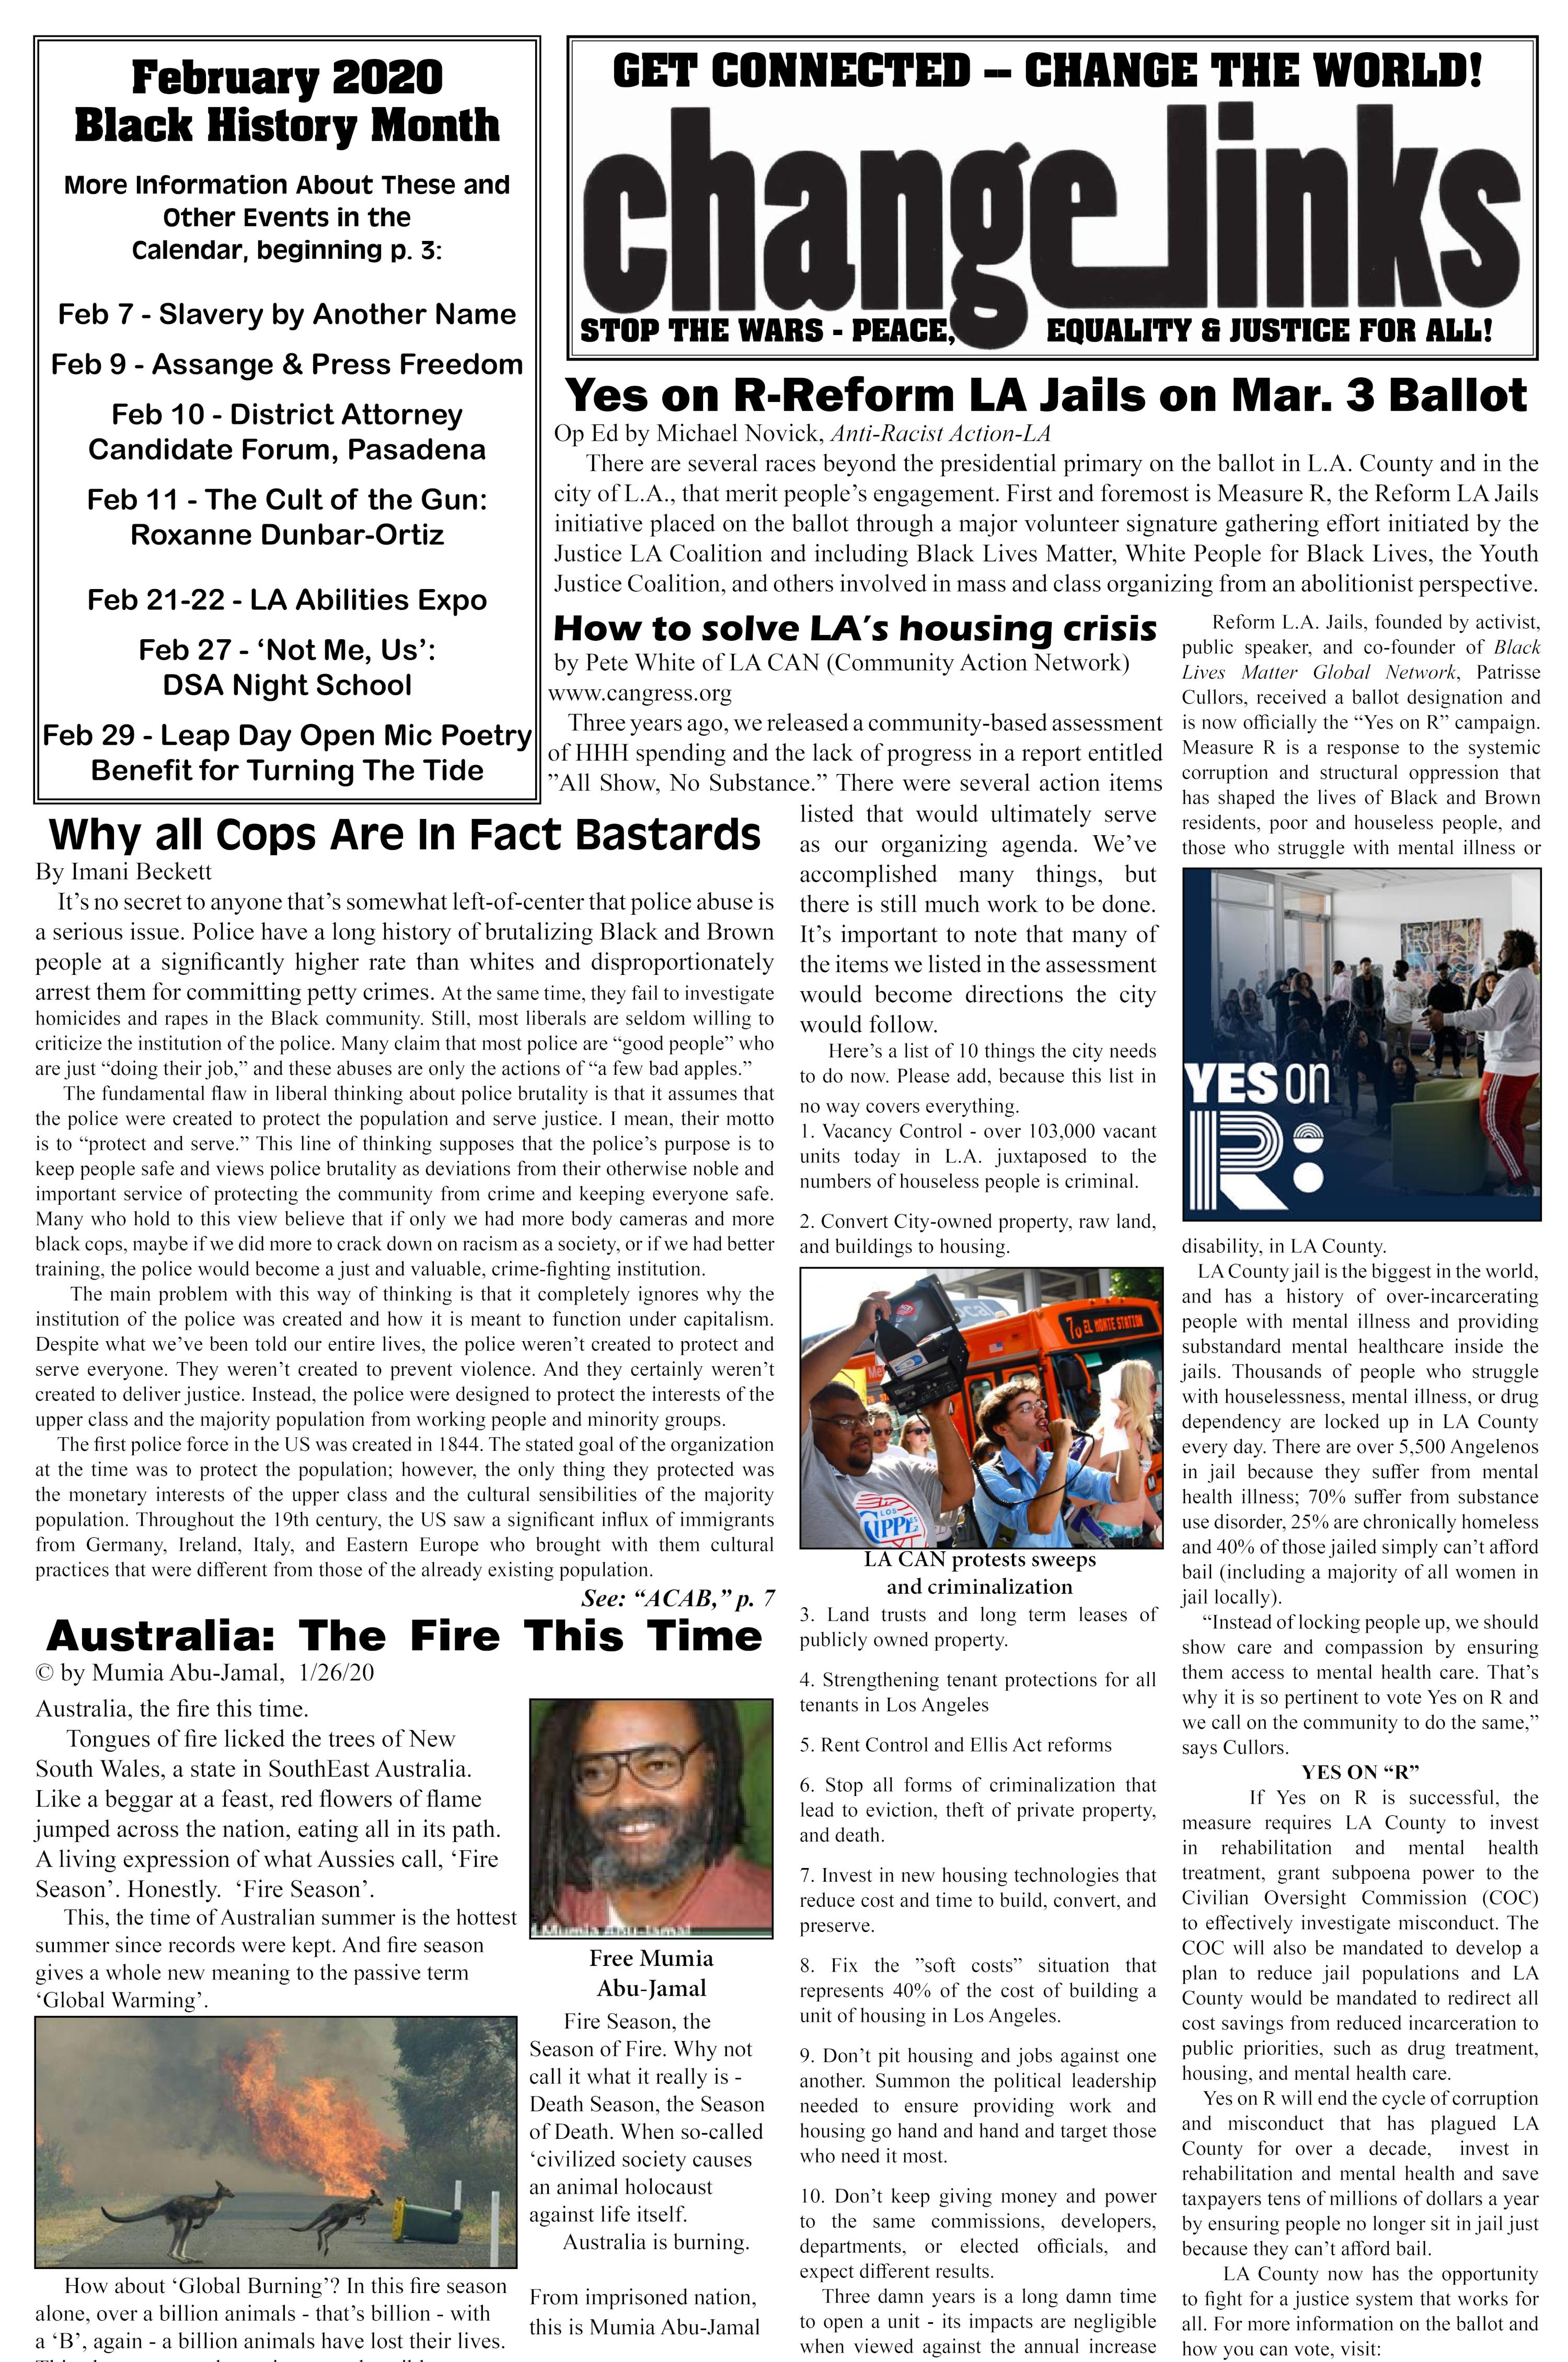 PDF of Feb. 2020 Print Edition